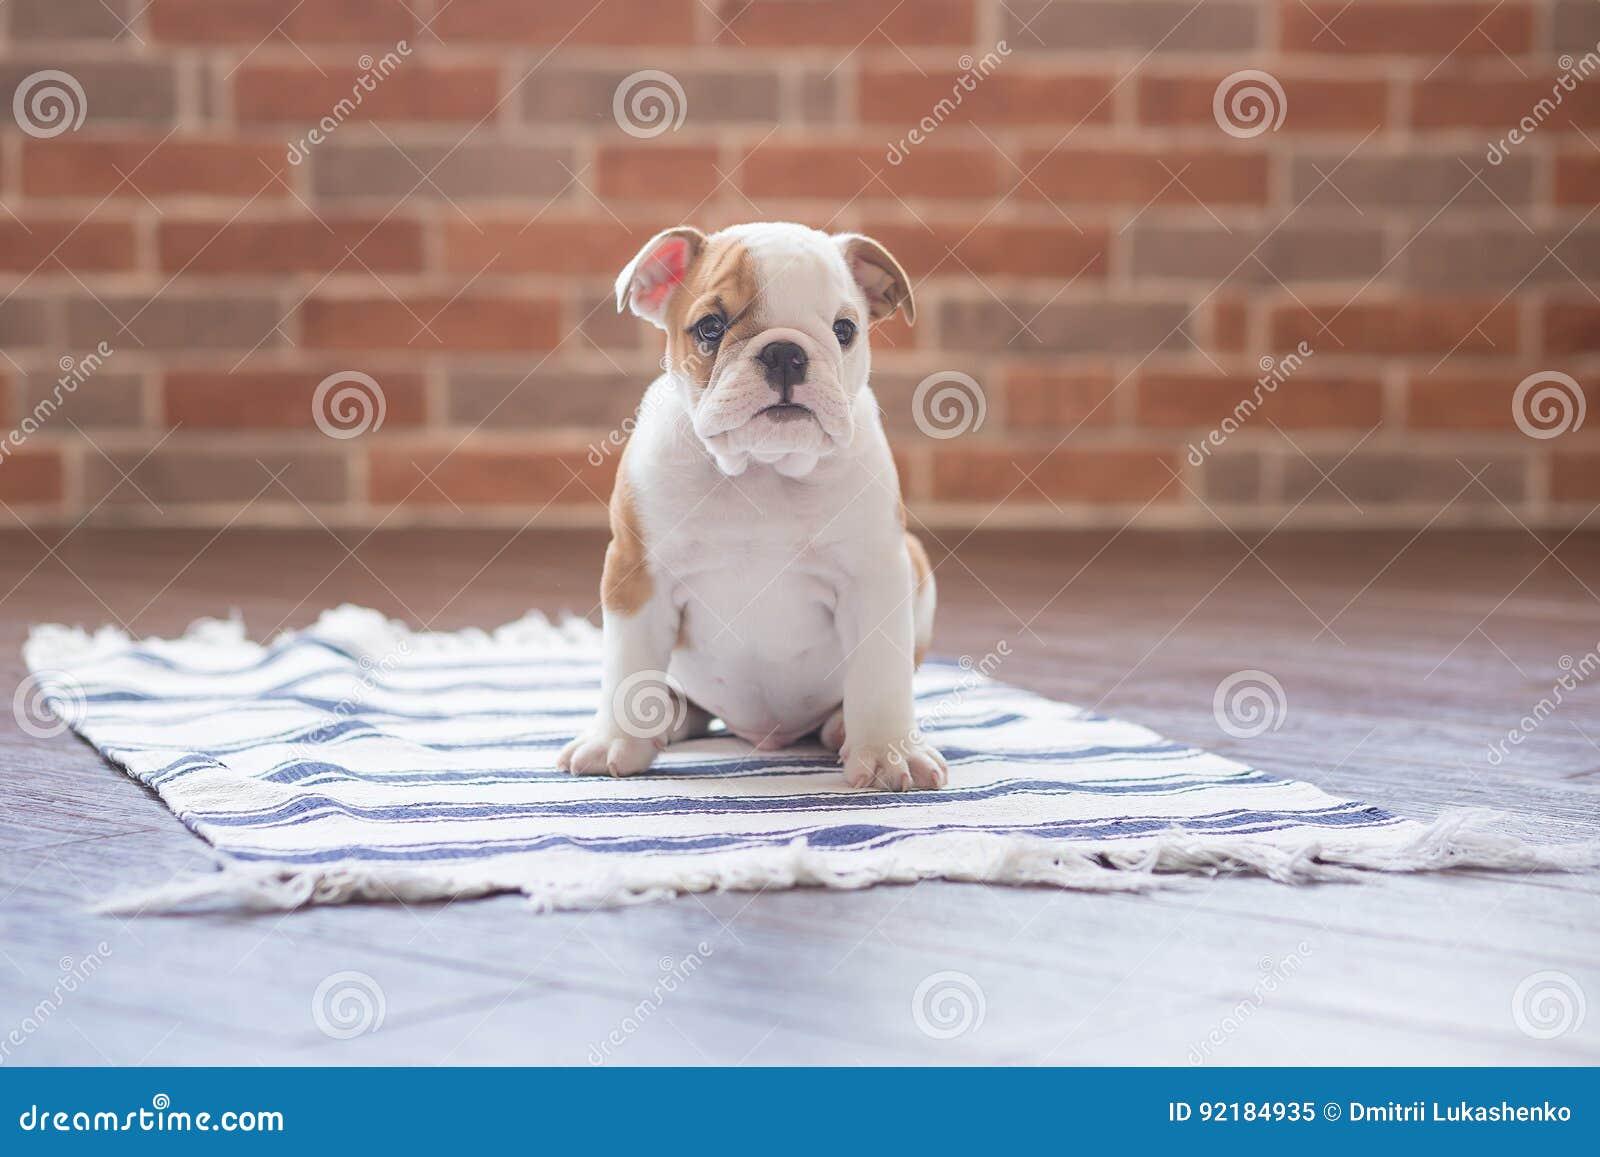 滑稽英国公牛狗睡觉红色白色小狗接近砖墙和在看对照相机的地板上 与没有的黑色的逗人喜爱的小狗